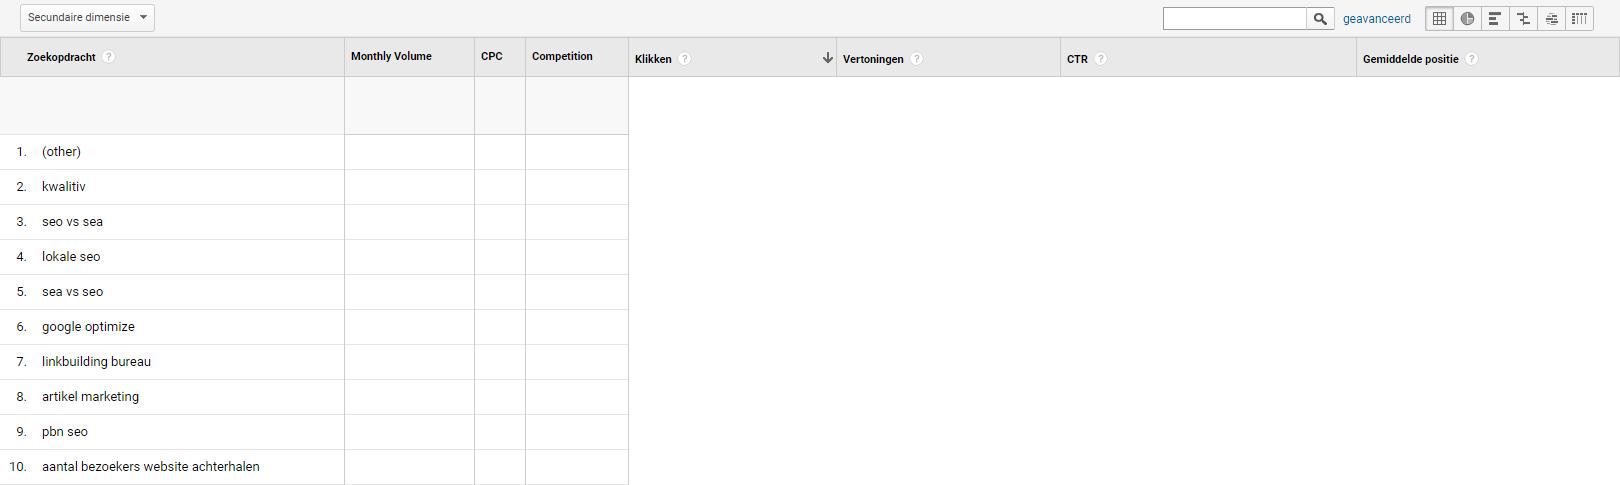 Zoekopdrachten tabel Google Analytics